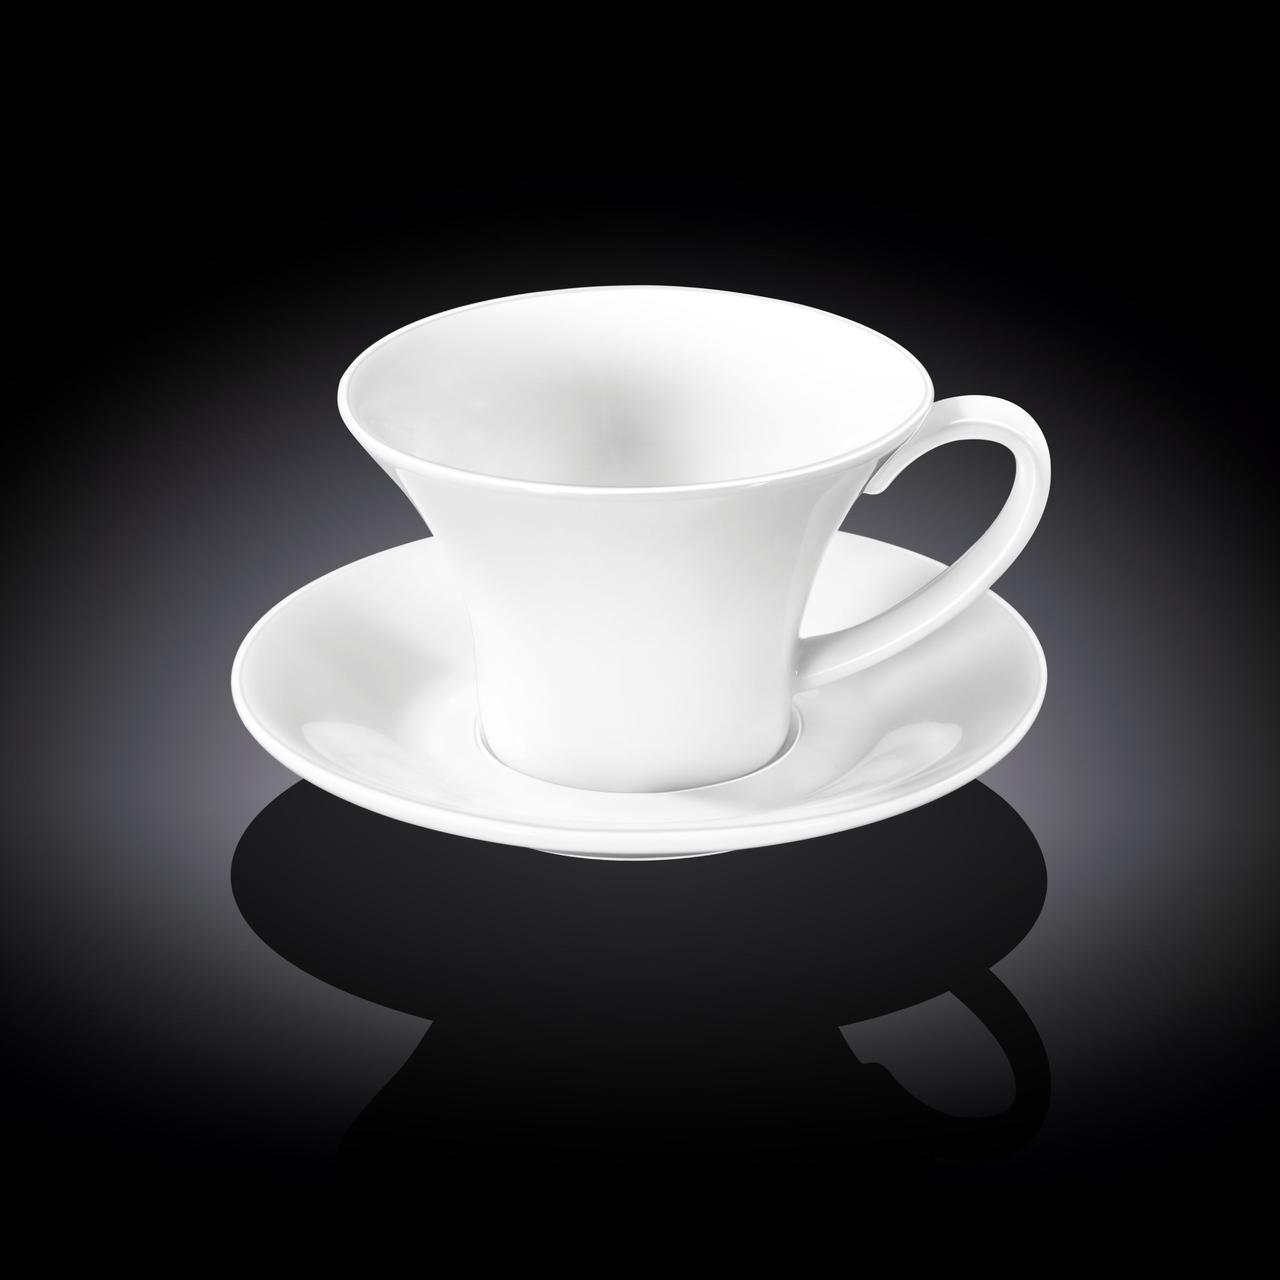 Чашка кофейная и блюдце Wilmax 100 мл WL-993168